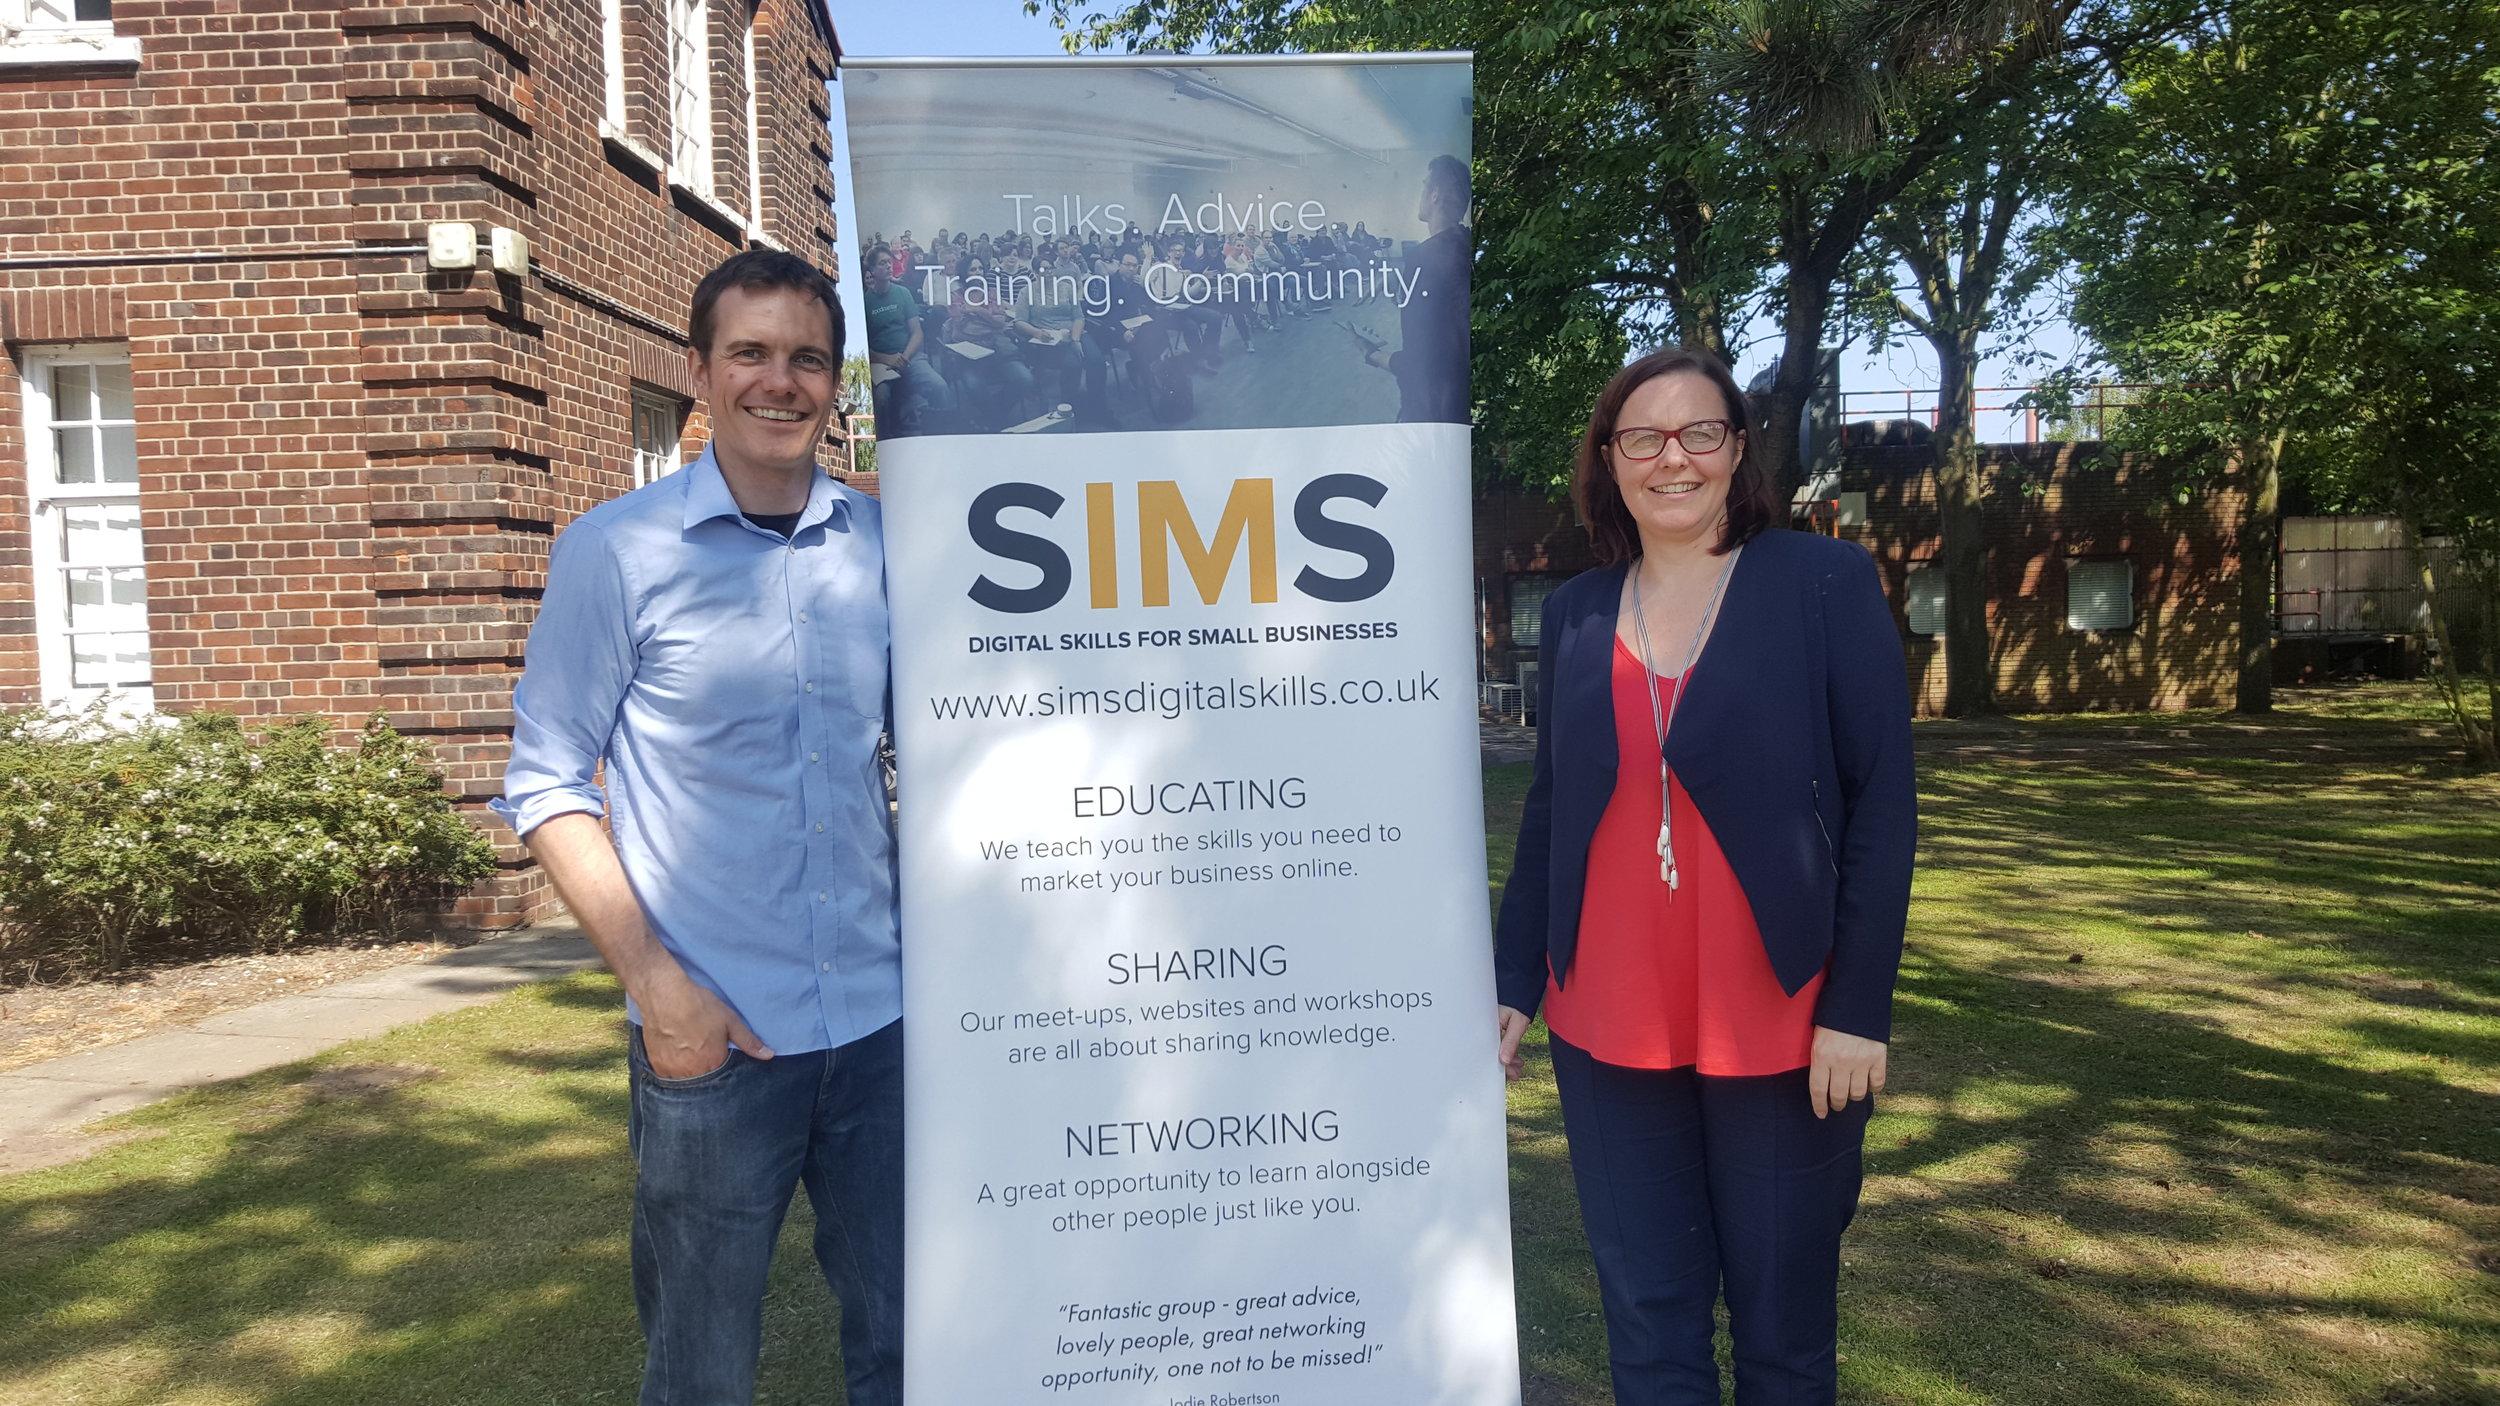 Max_and_Sam-SIMS6.jpg